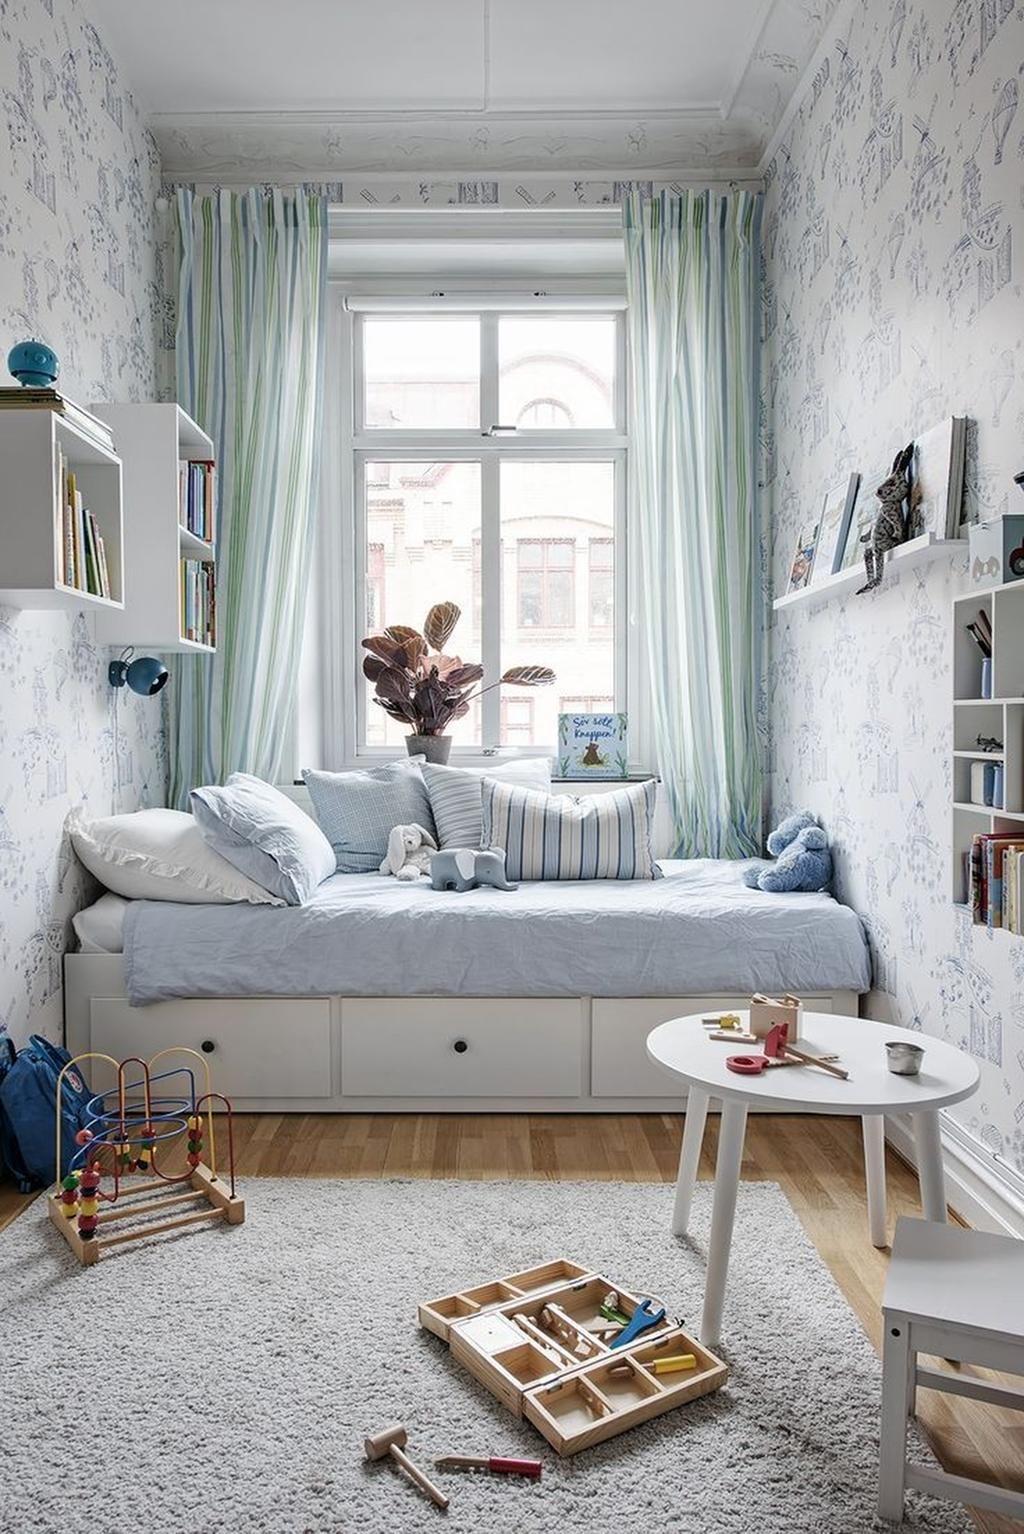 5 smart ideas for your small children's room - Lunamag.com ...